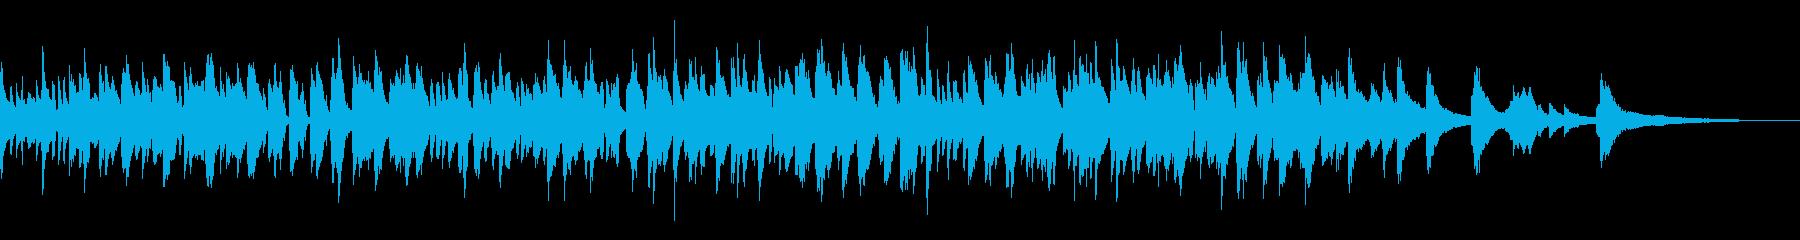 おしゃれなラウンジ風ボサノバピアノトリオの再生済みの波形